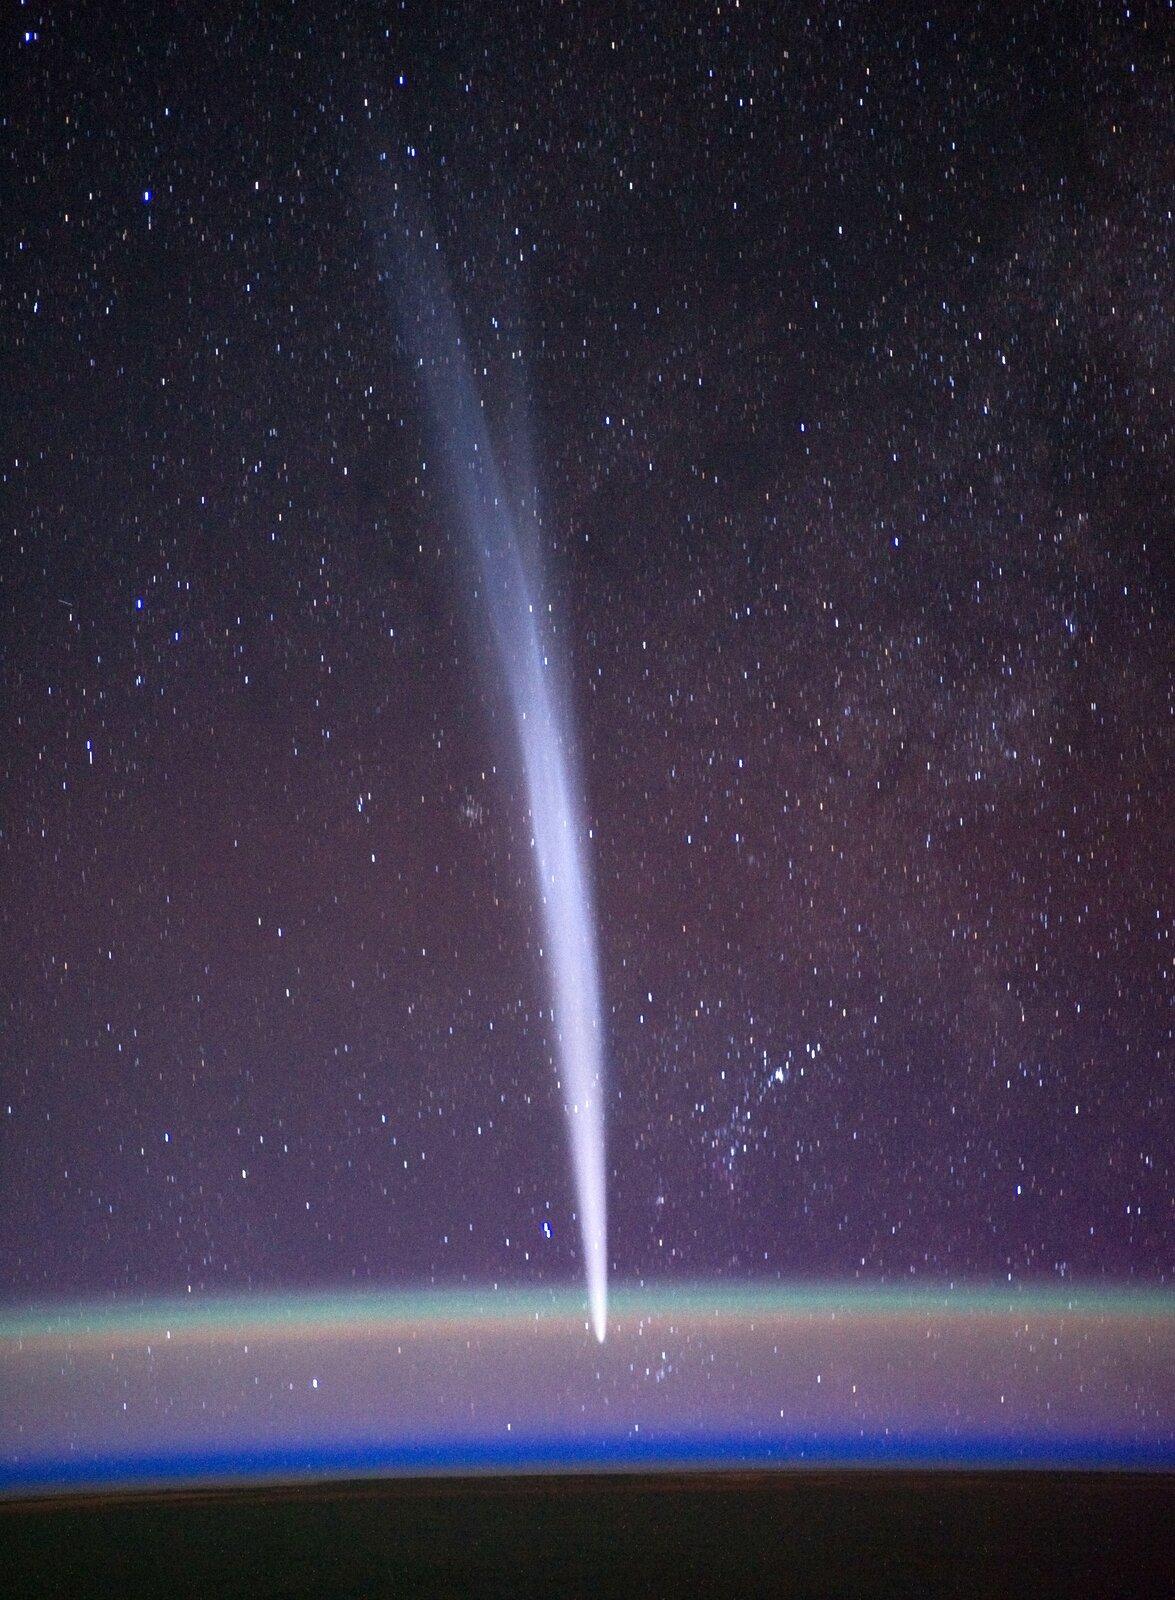 Fotografia przedstawia kometę na tle rozgwieżdżonego nieba. Na dole widać zaokrąglony koniec komety, czyli głowę. Ku górze zdjęcia widać warkocz komety mający postać świetlistego wachlarza, przez który prześwitują gwiazdy.